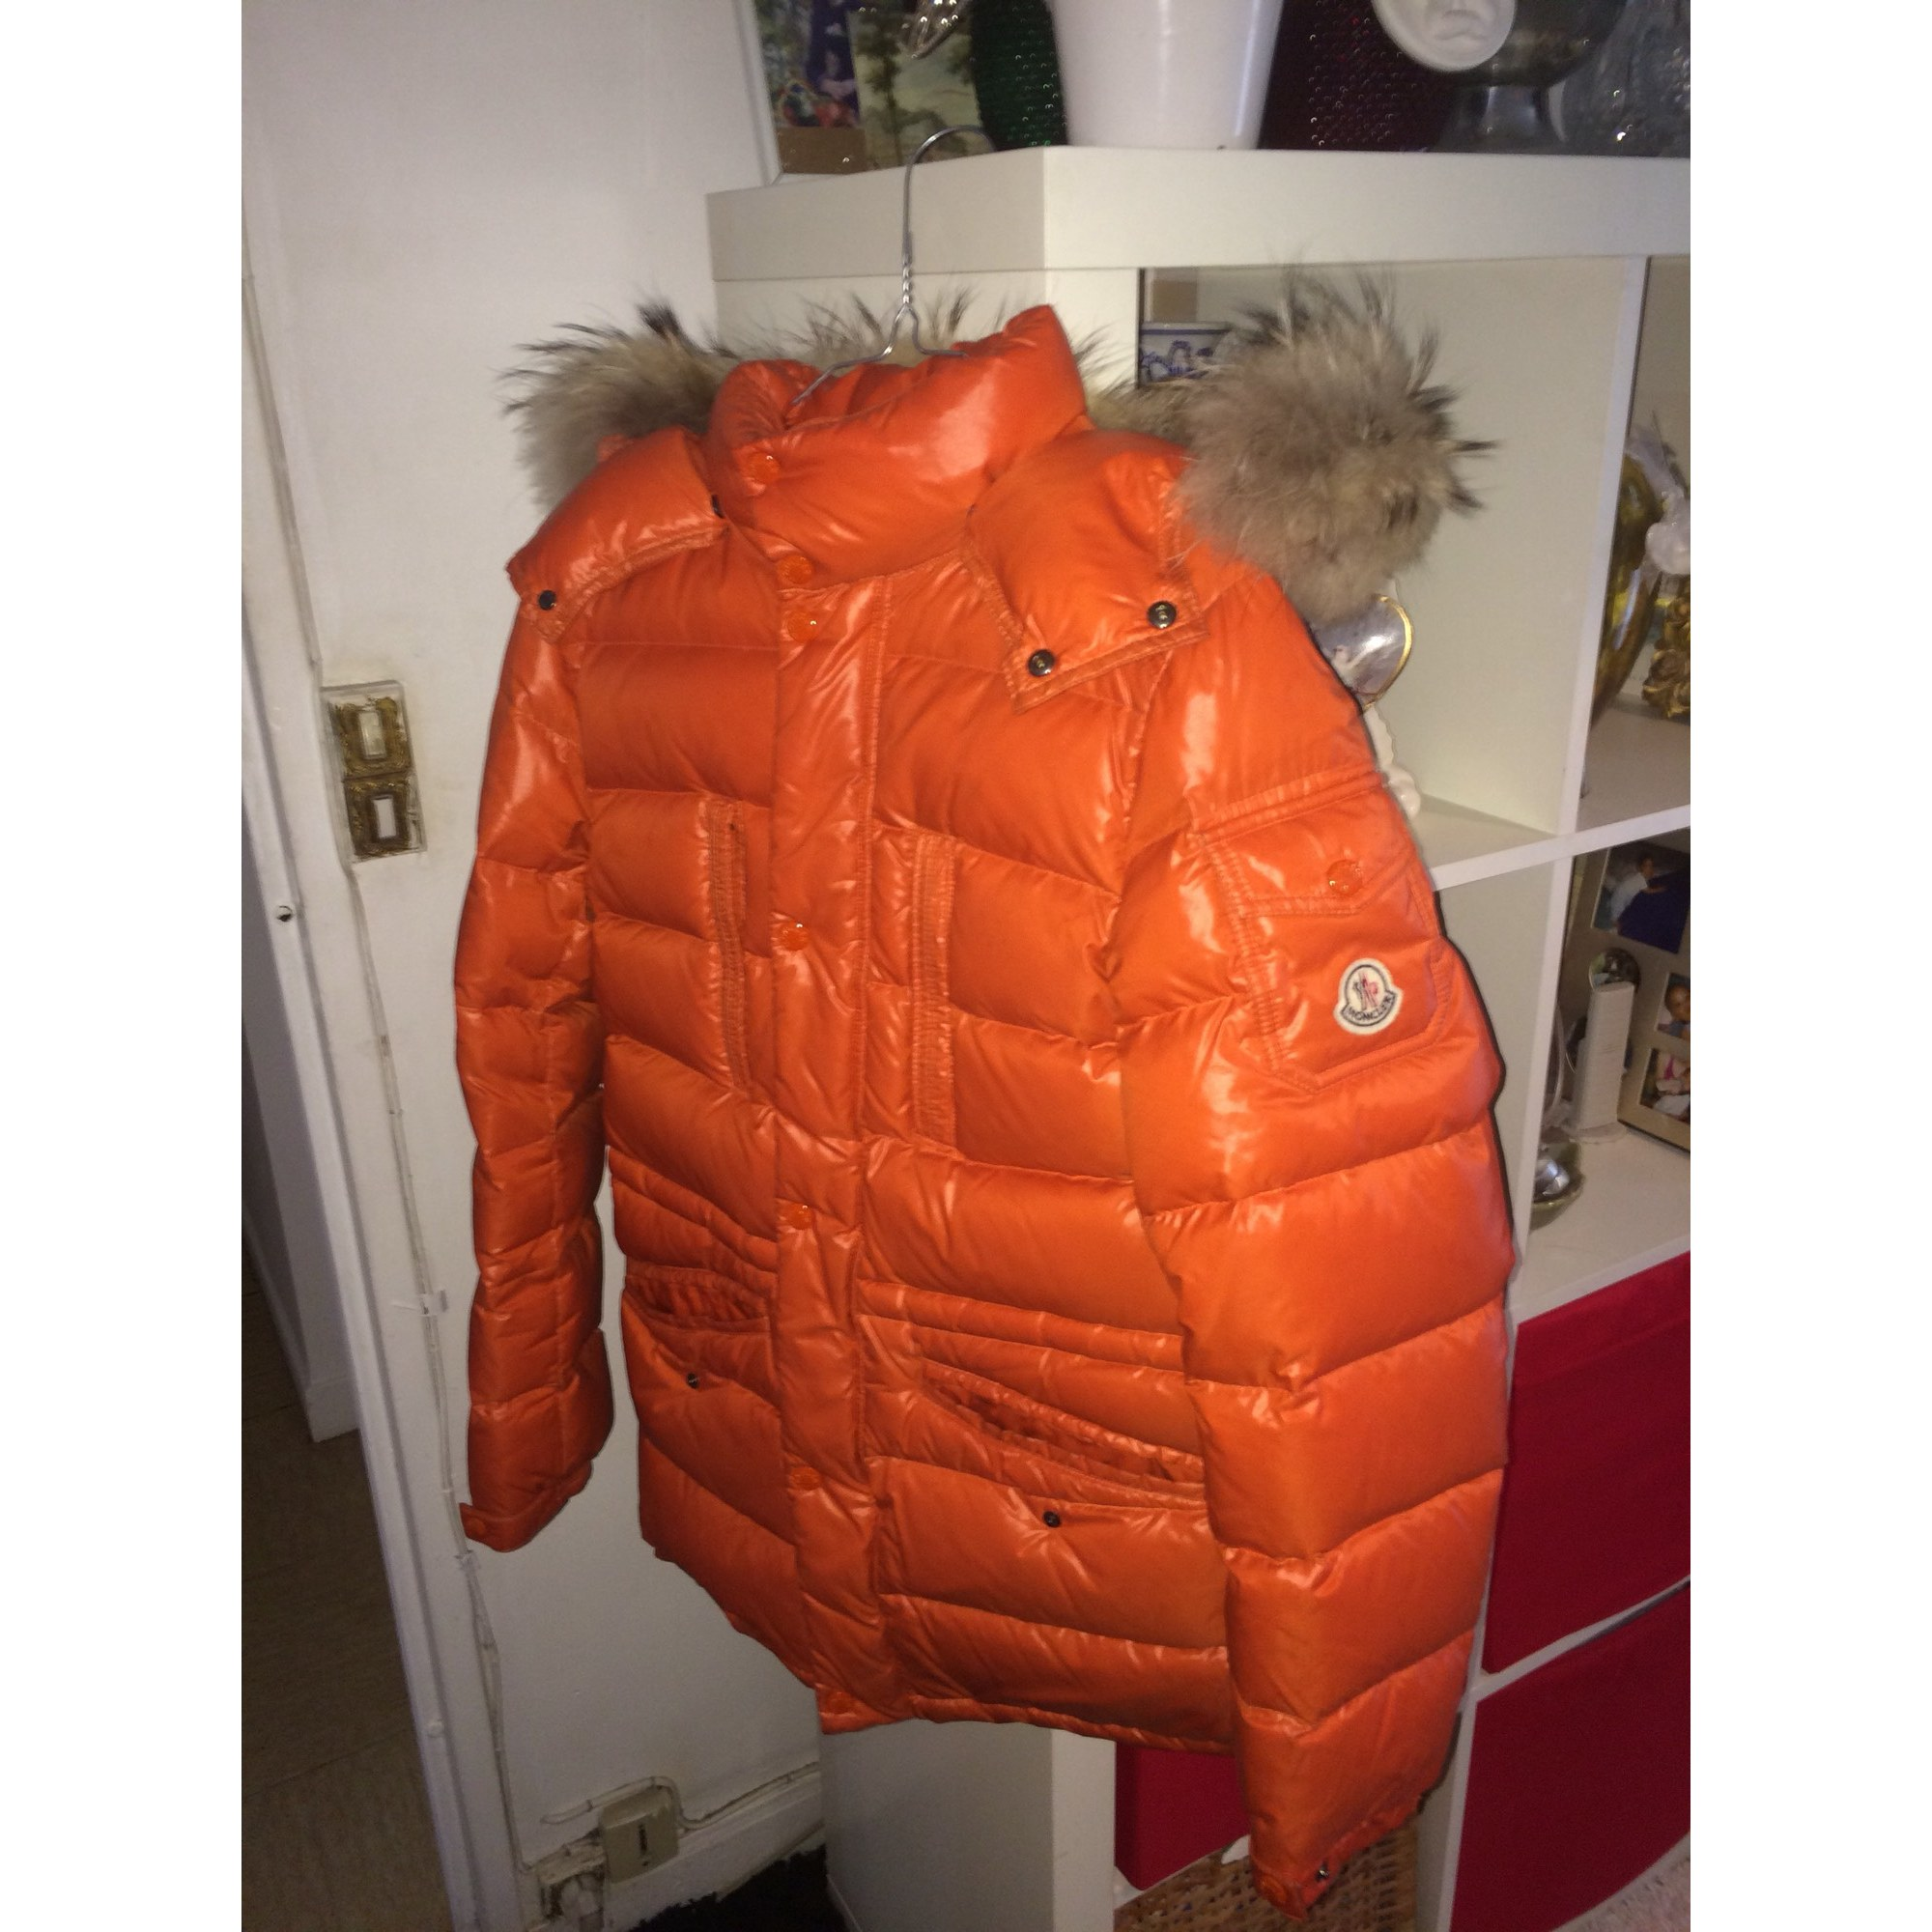 Doudoune MONCLER 46 (S) orange vendu par Louison92290 - 6442508 6e9b8117d55